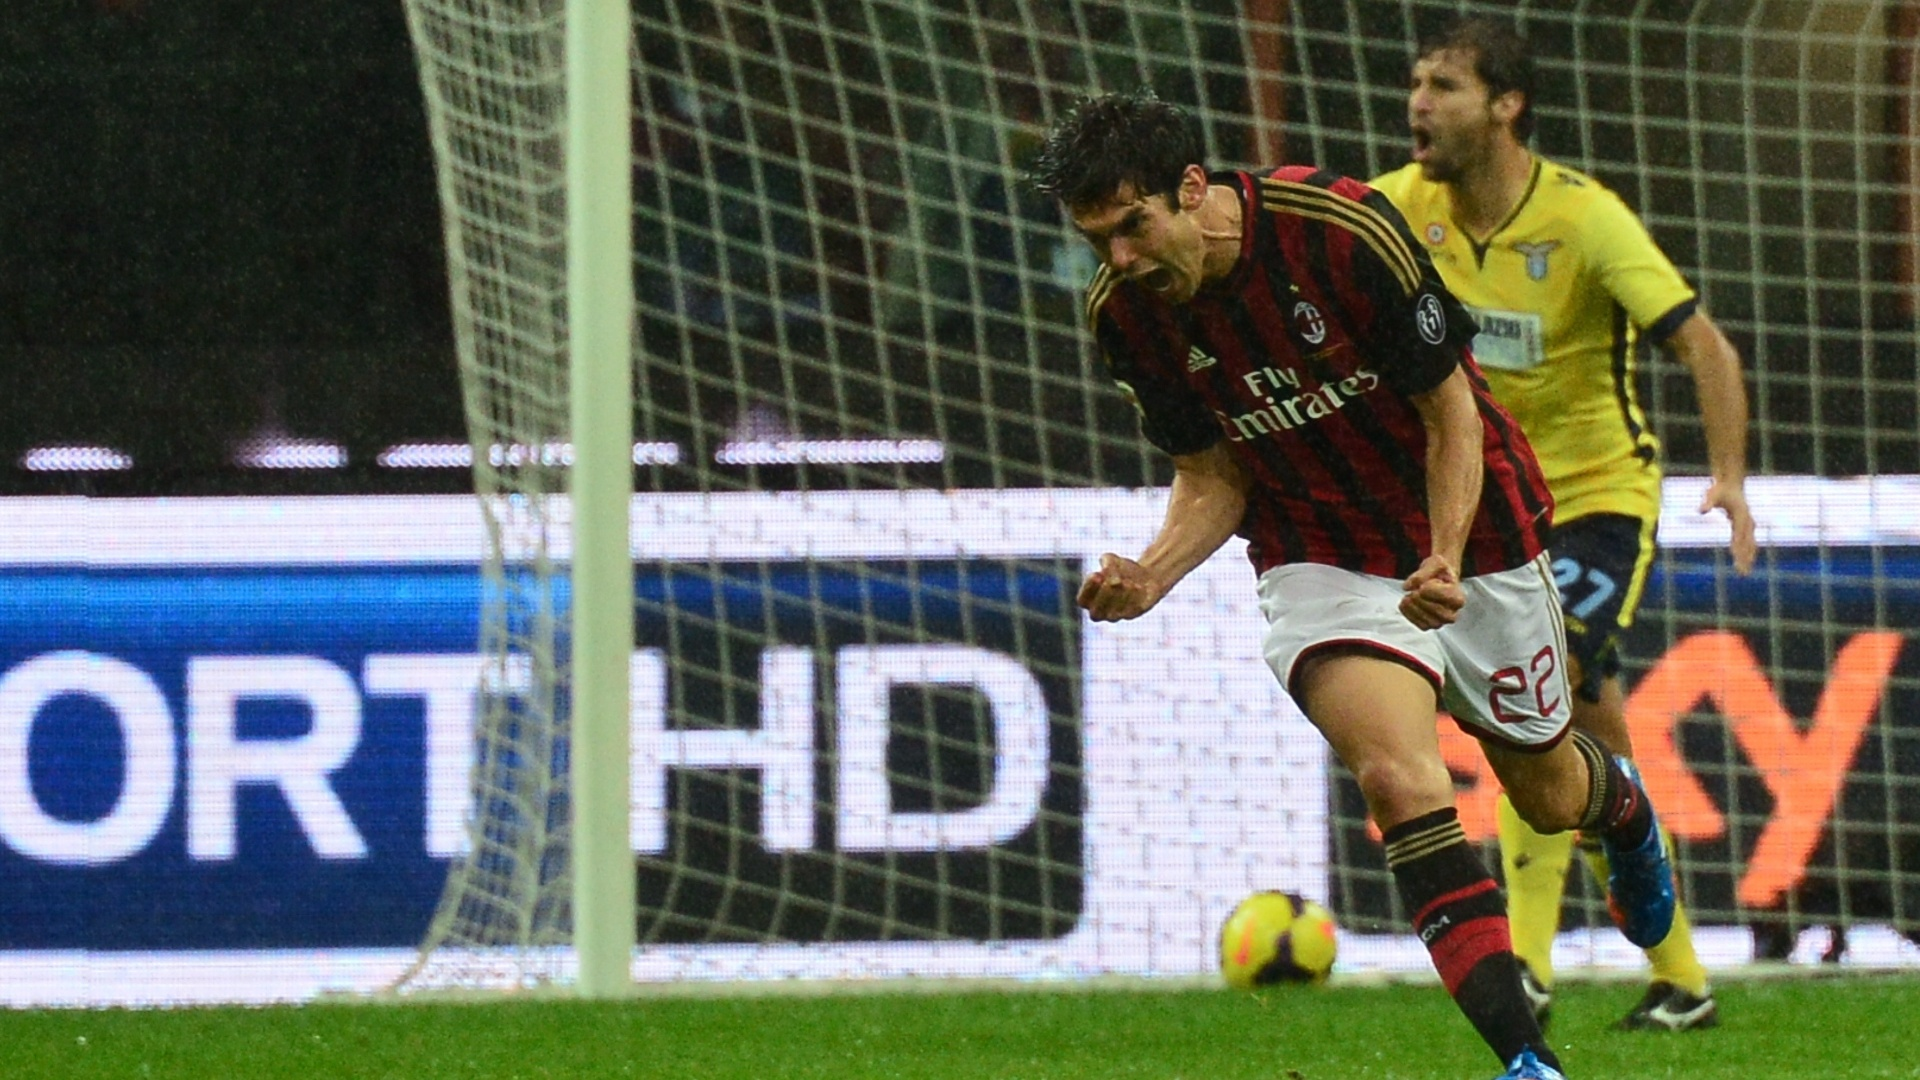 30.out.2013 - Kaká vibra muito com golaço marcado no duelo contra a Lazio, no San Siro, pelo Campeonato Italiano